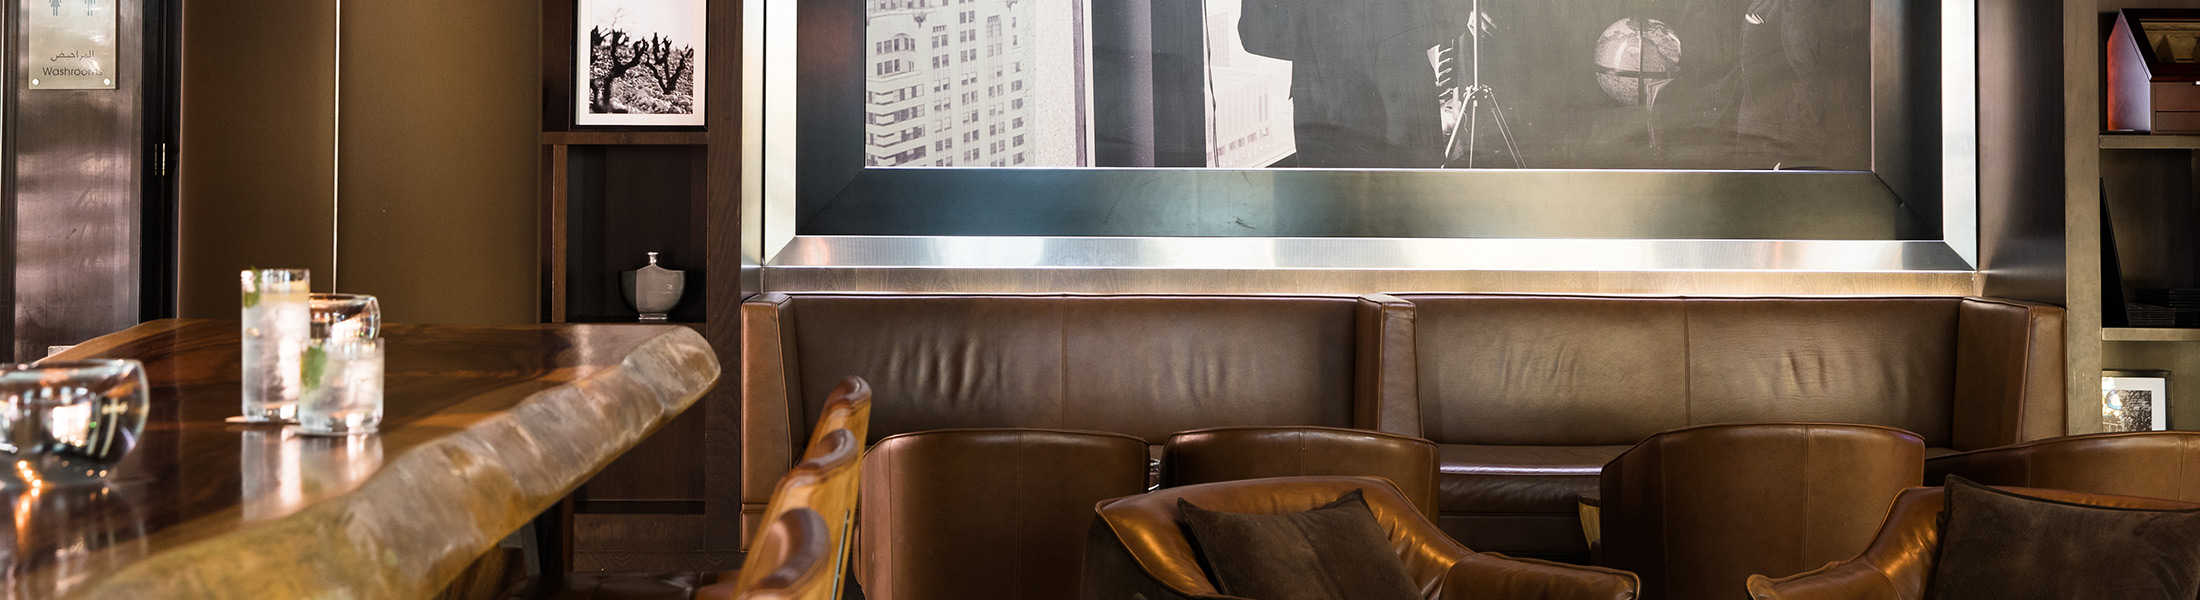 The Rib Room bar at Jumeirah Emirates Towers